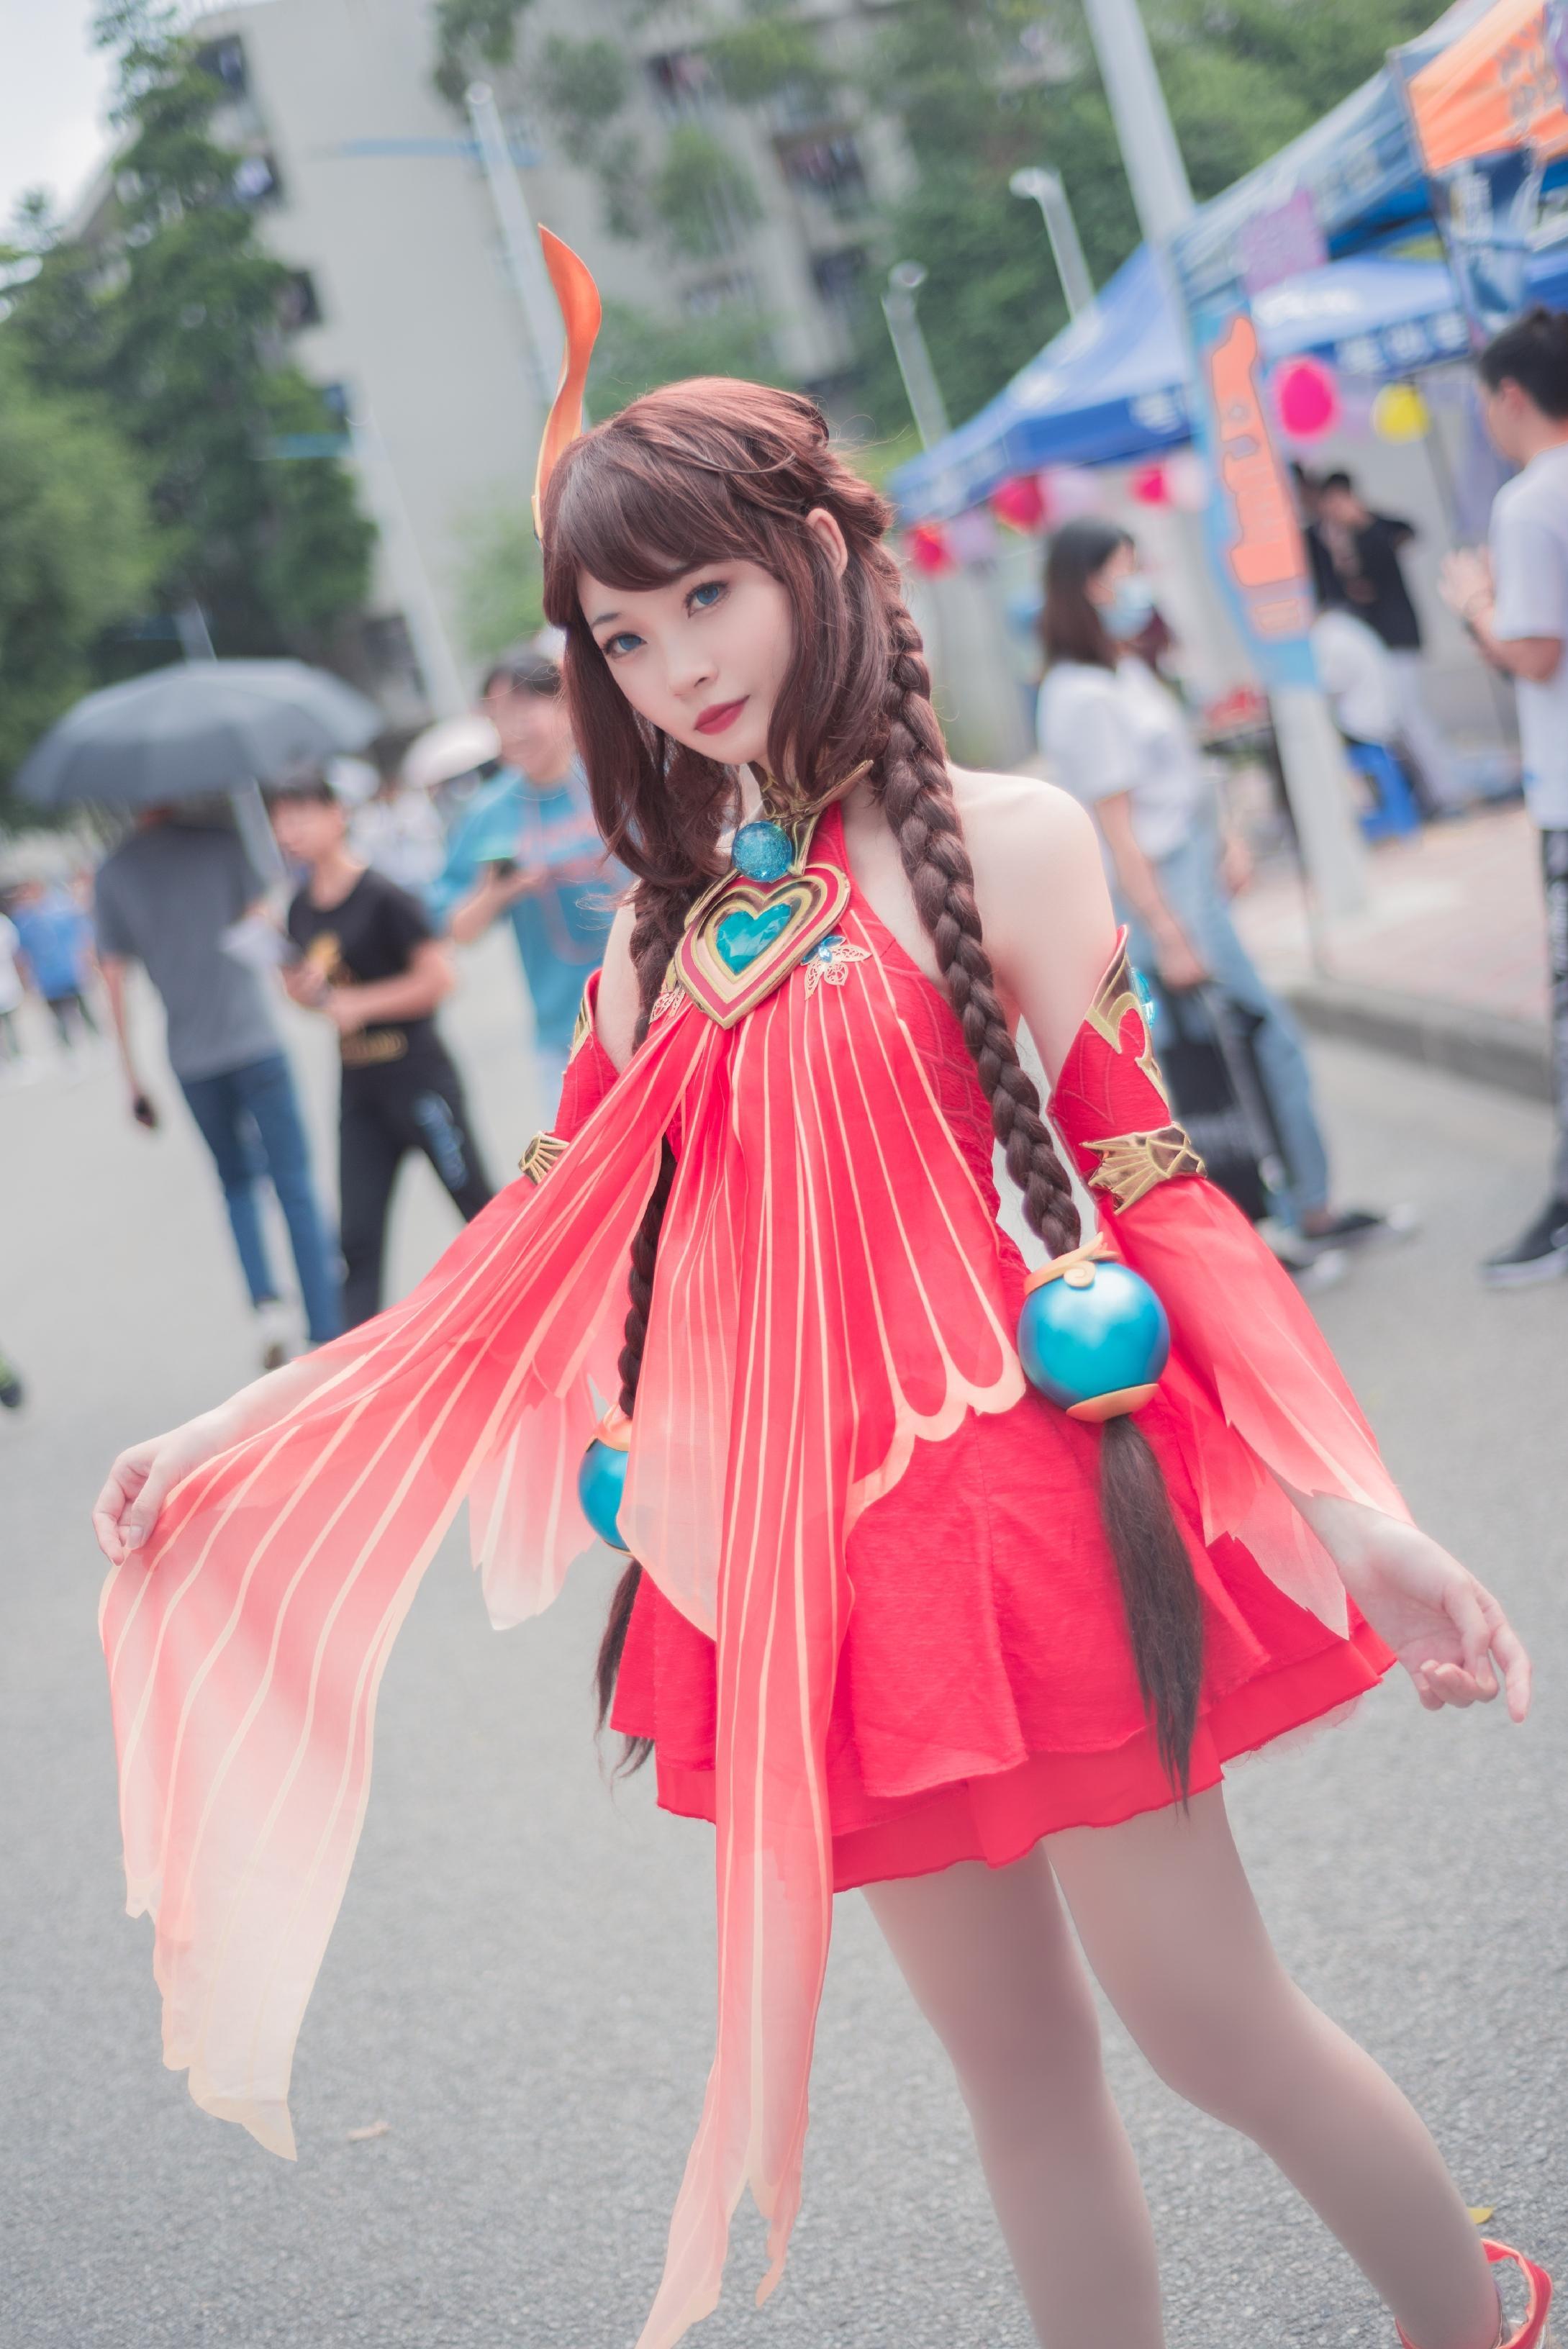 《王者荣耀》王者荣耀大乔cosplay【CN:铅华wr】-第2张